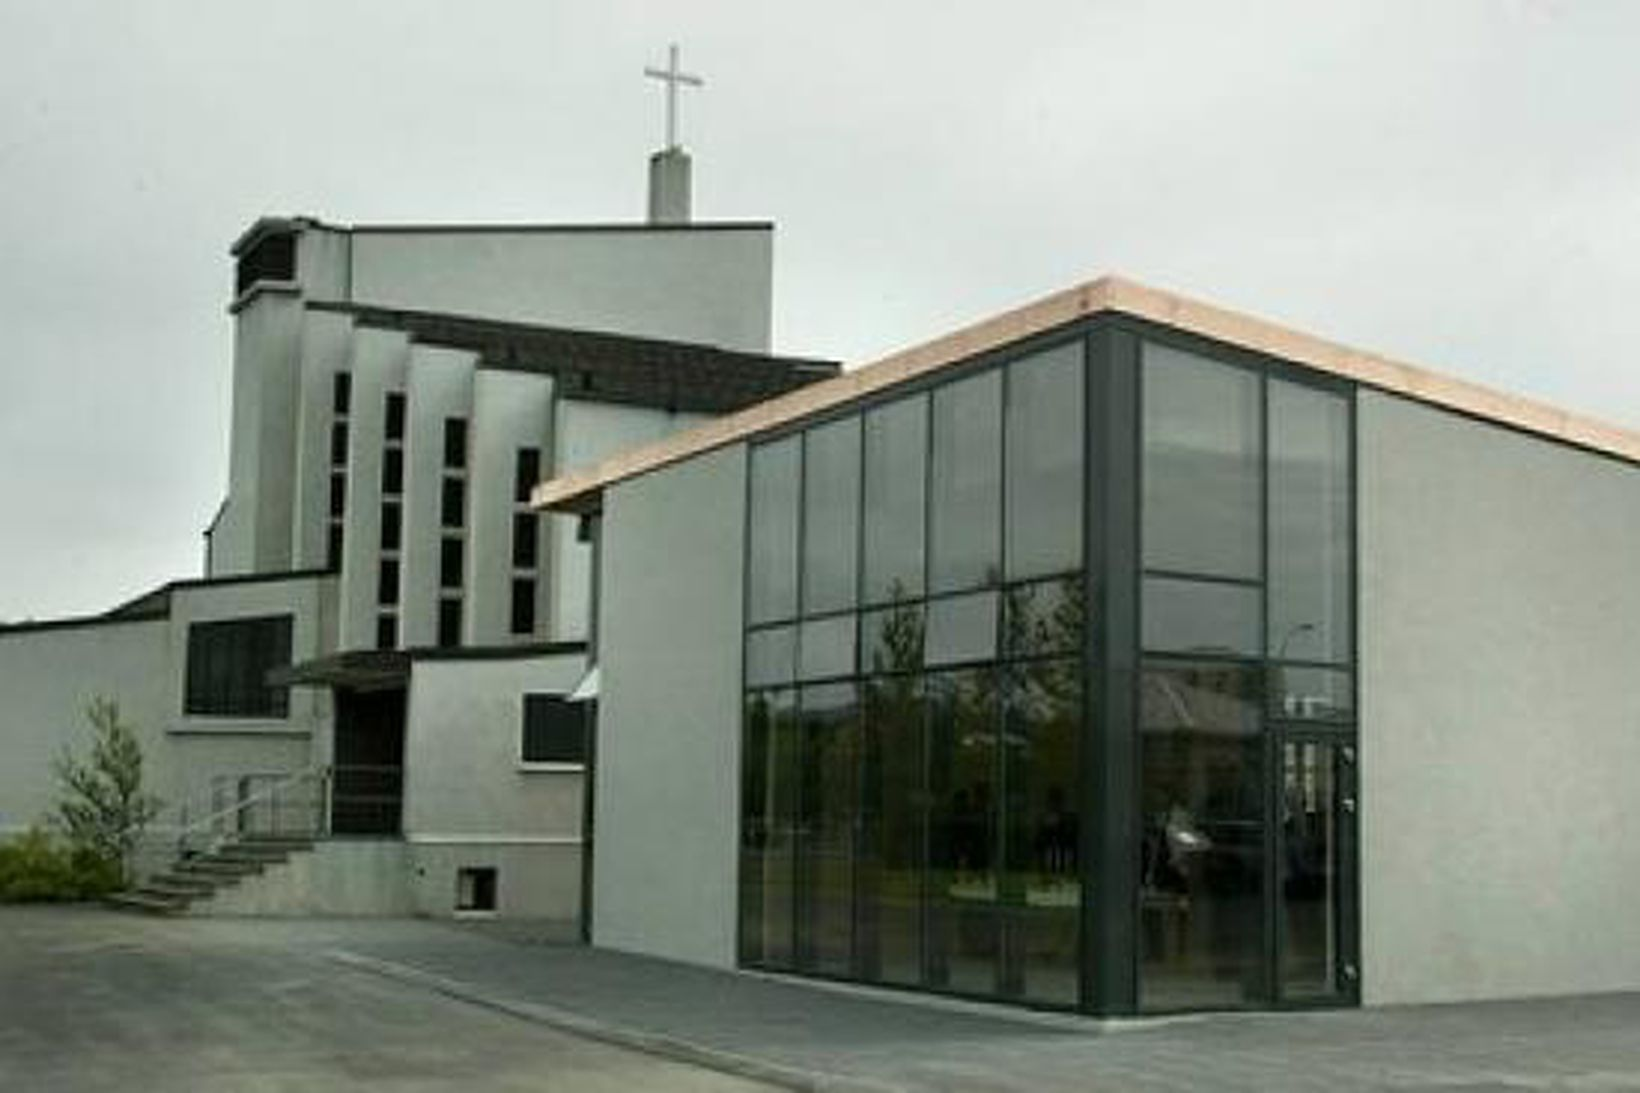 Neskirkja í Reykjavík.